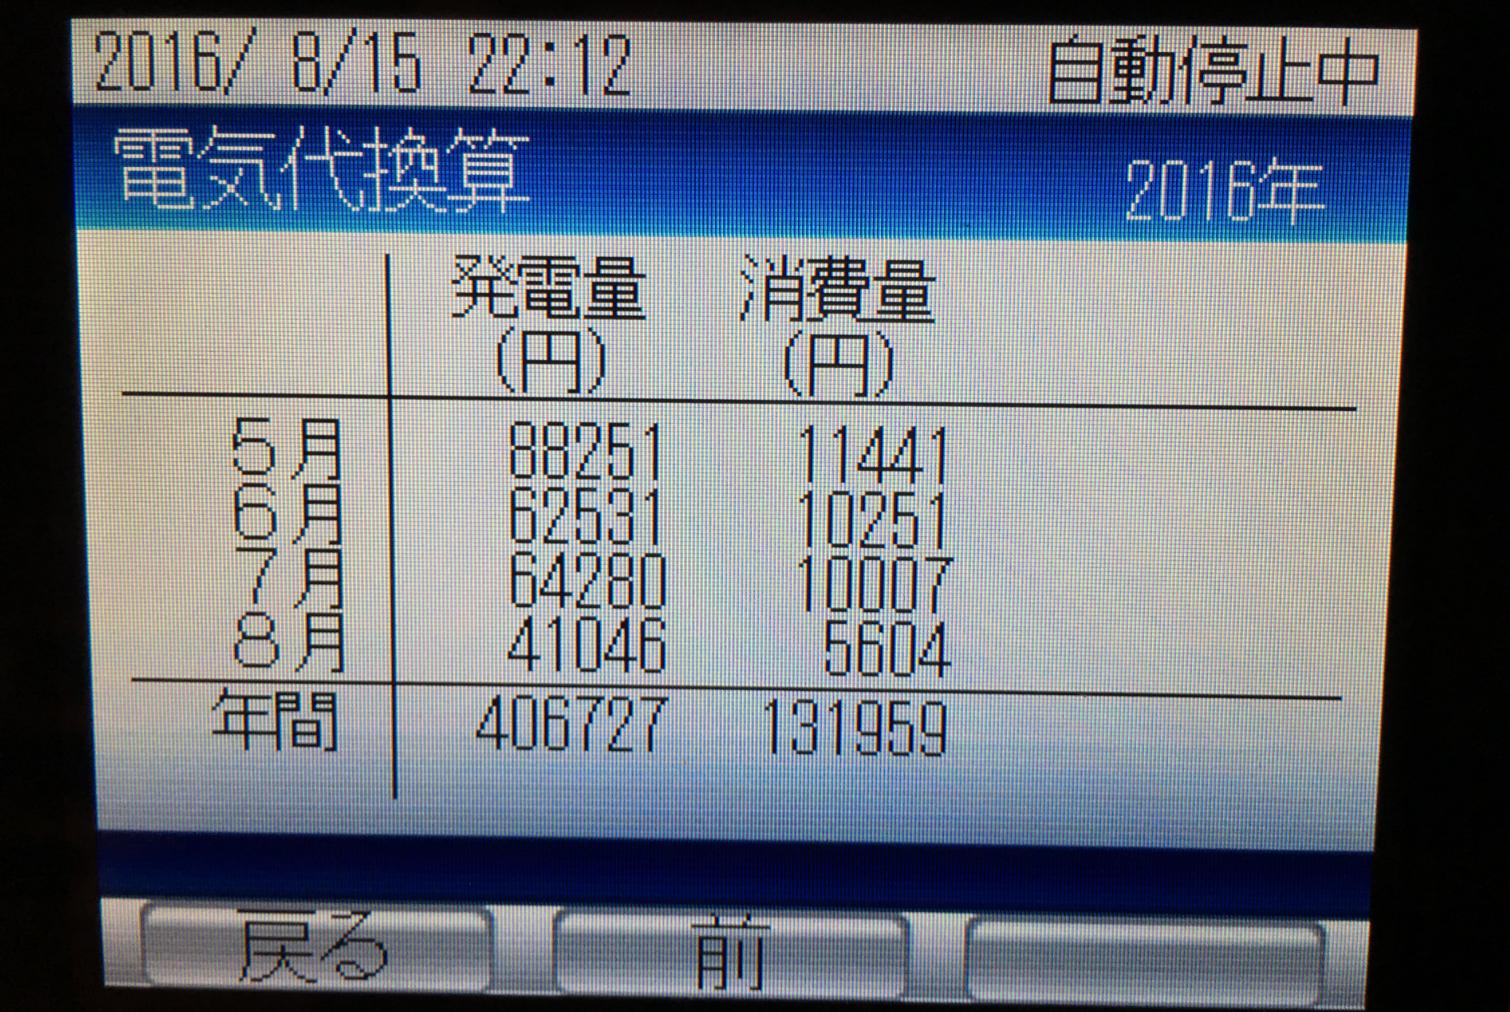 北海道で24時間エアコンを稼働させたら1ヶ月どのくらい電気代がかかるの